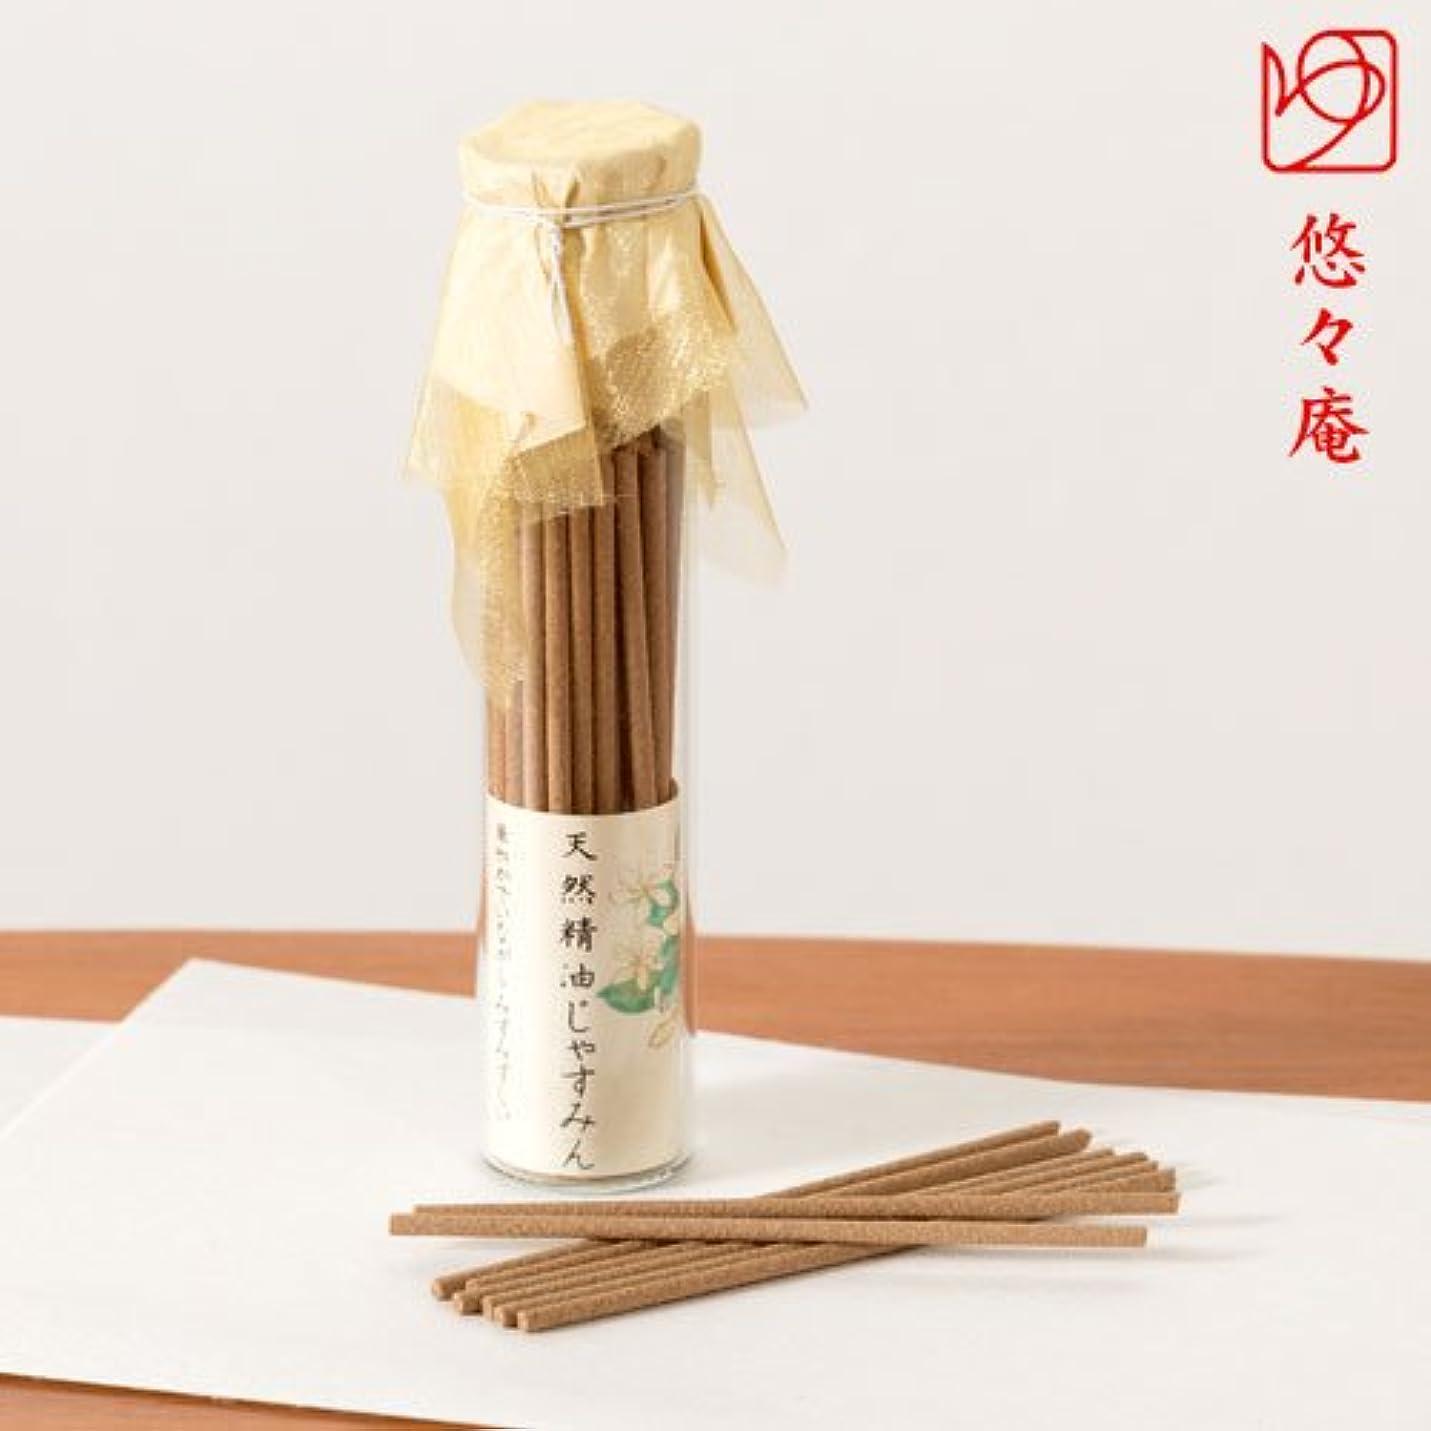 うっかり始まりあなたのものスティックお香天然精油のお線香窓辺のじゃすみんガラスビン入悠々庵Incense stick of natural essential oil